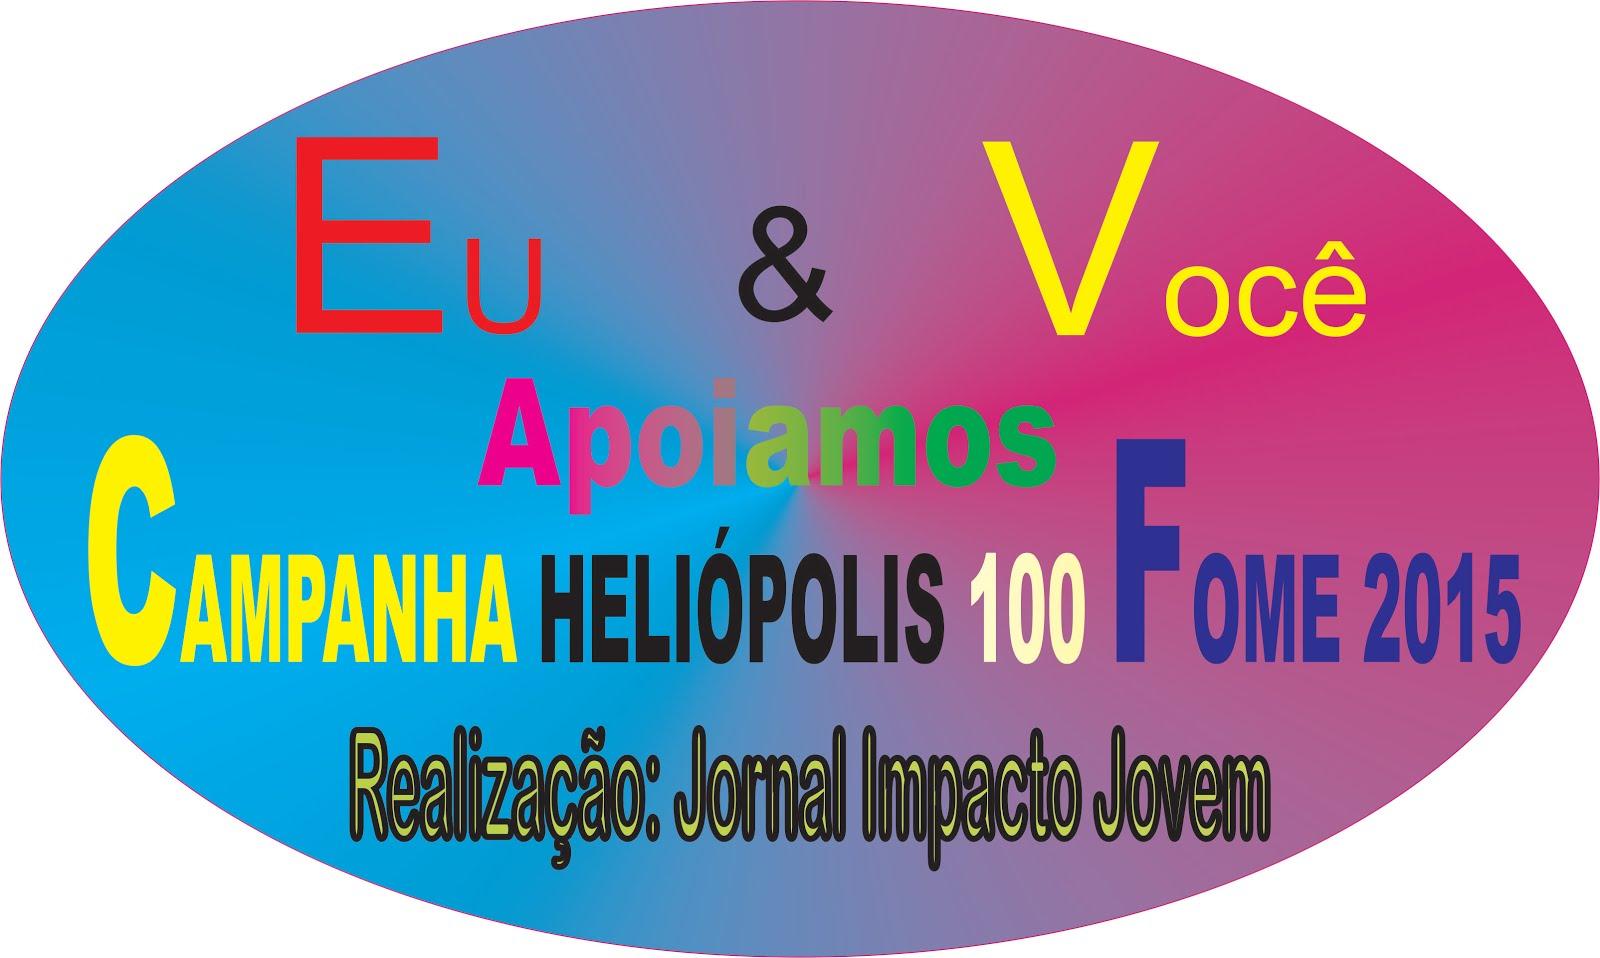 CAMPANHA HELIÓPOLIS 100 FOME 2015